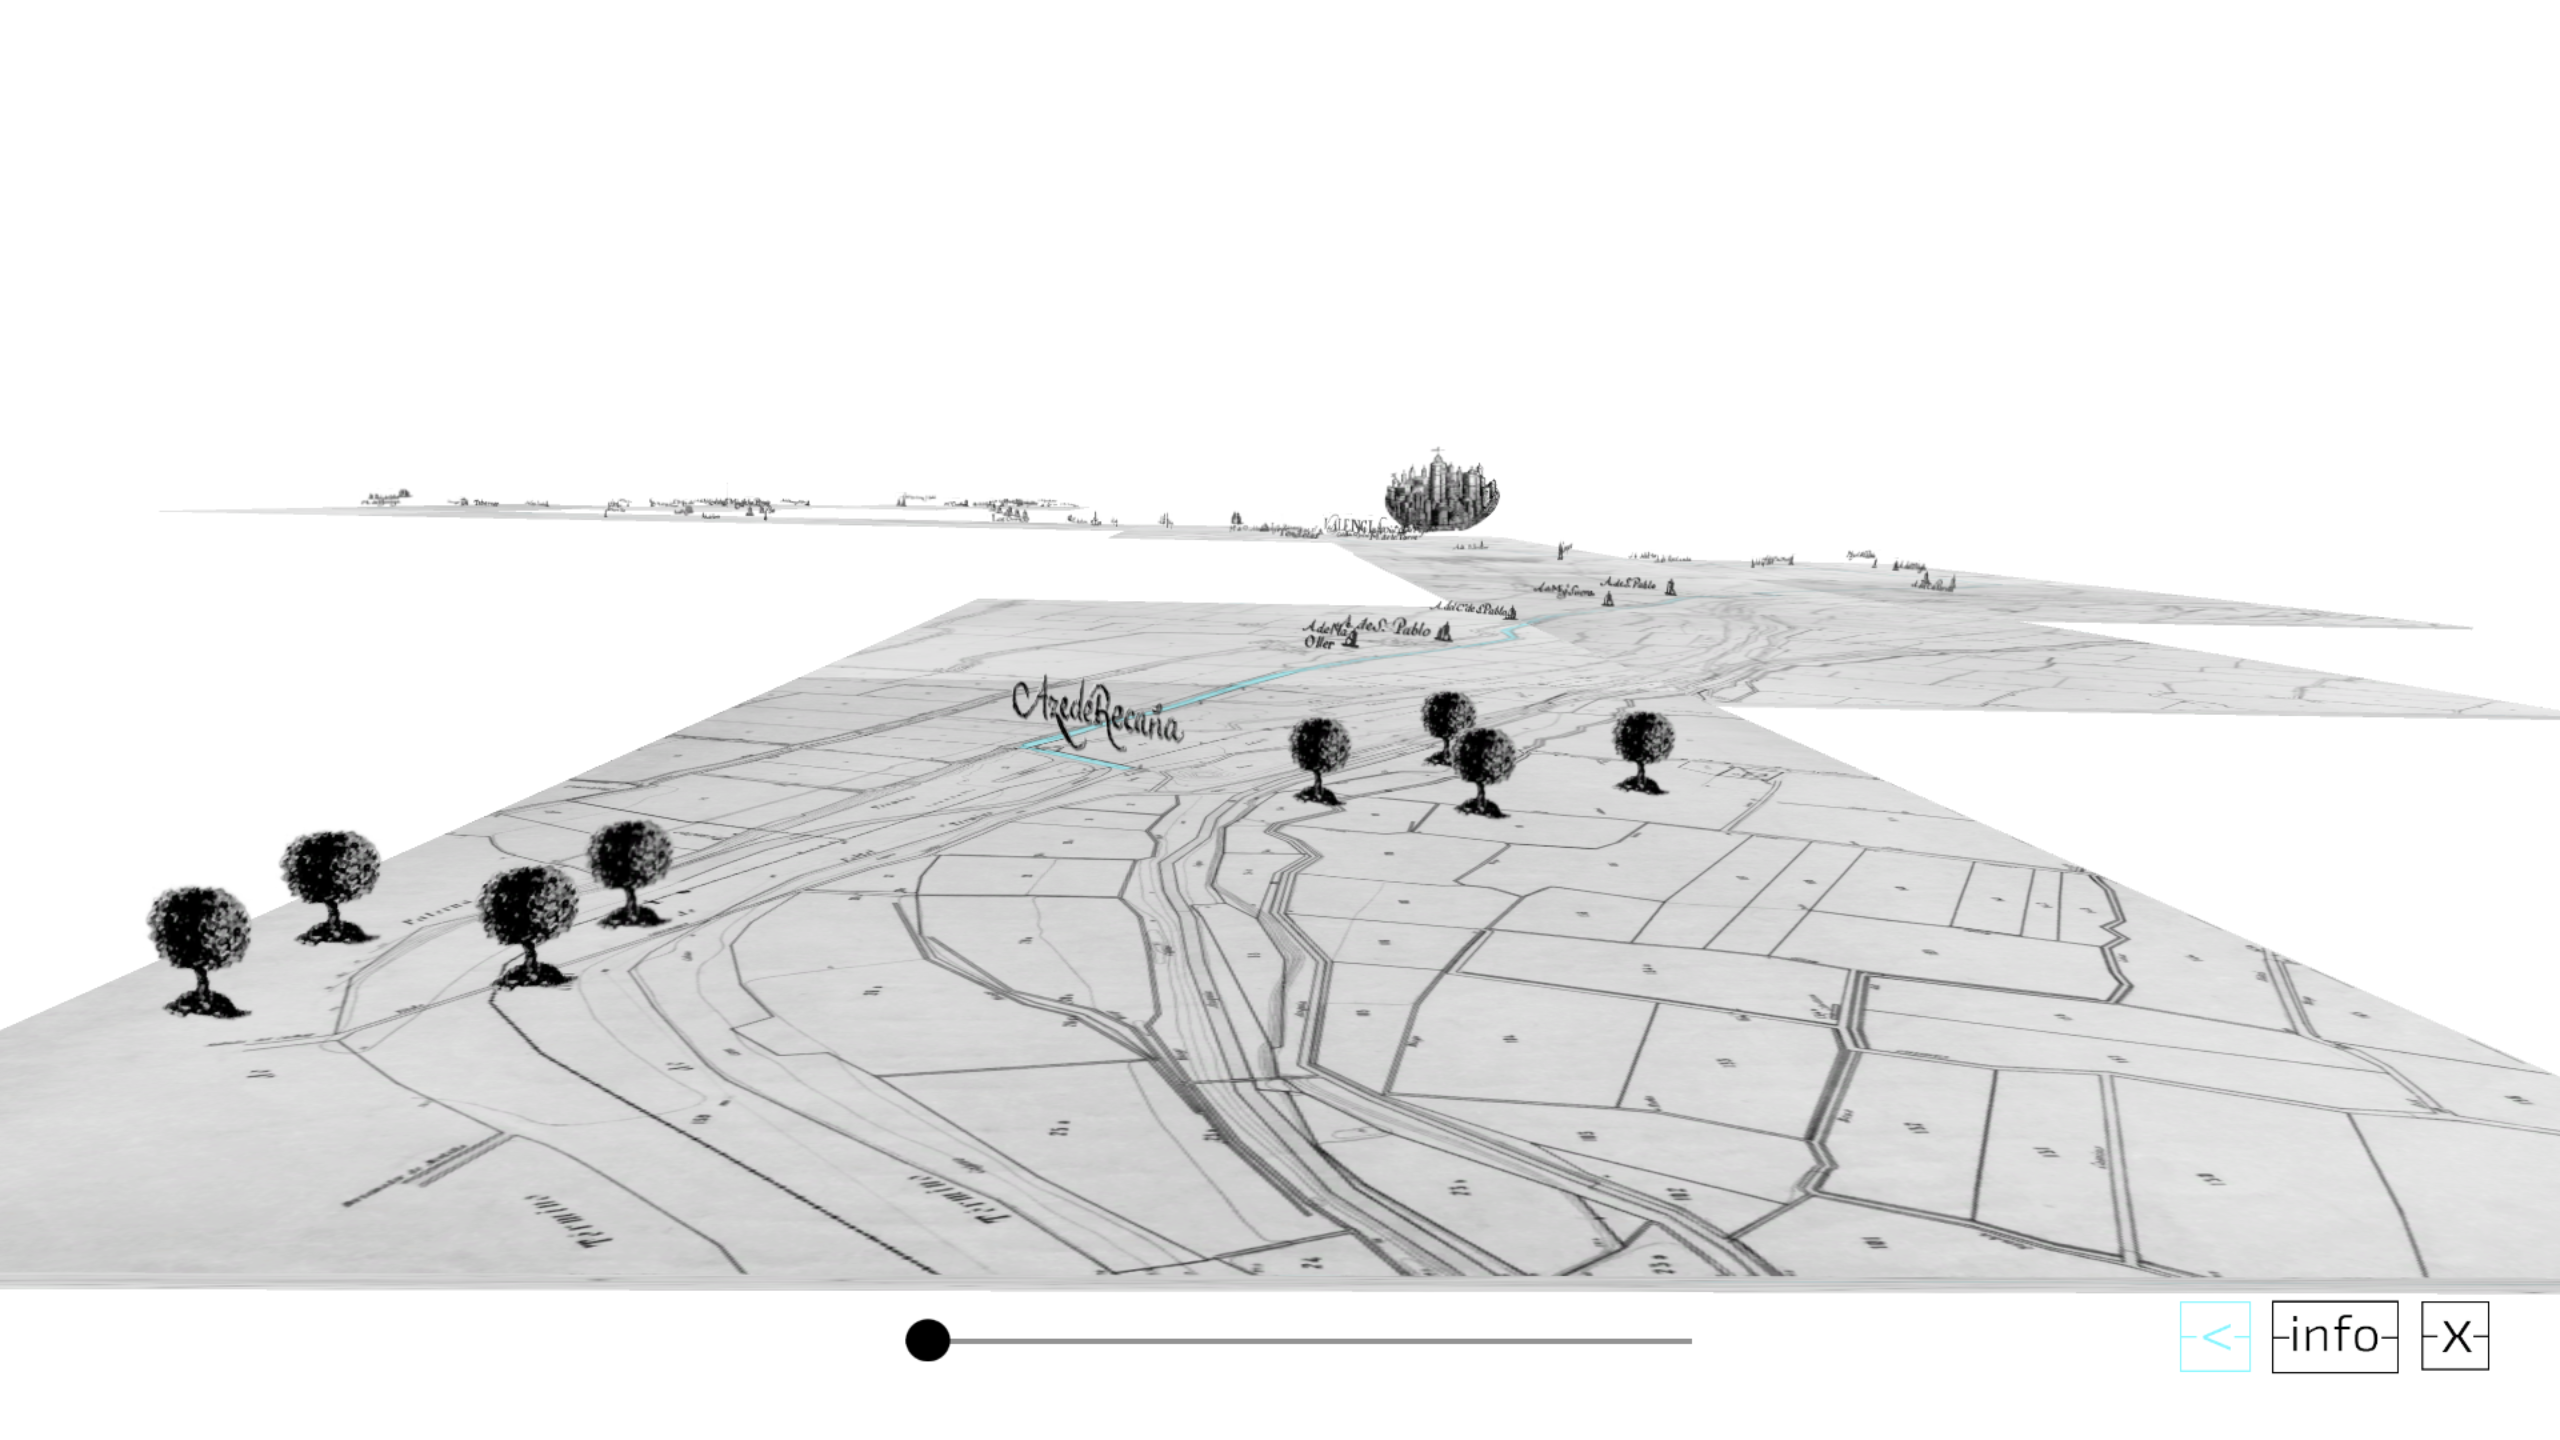 segunda escena la composición de las dos cartografías en tres dimensiones